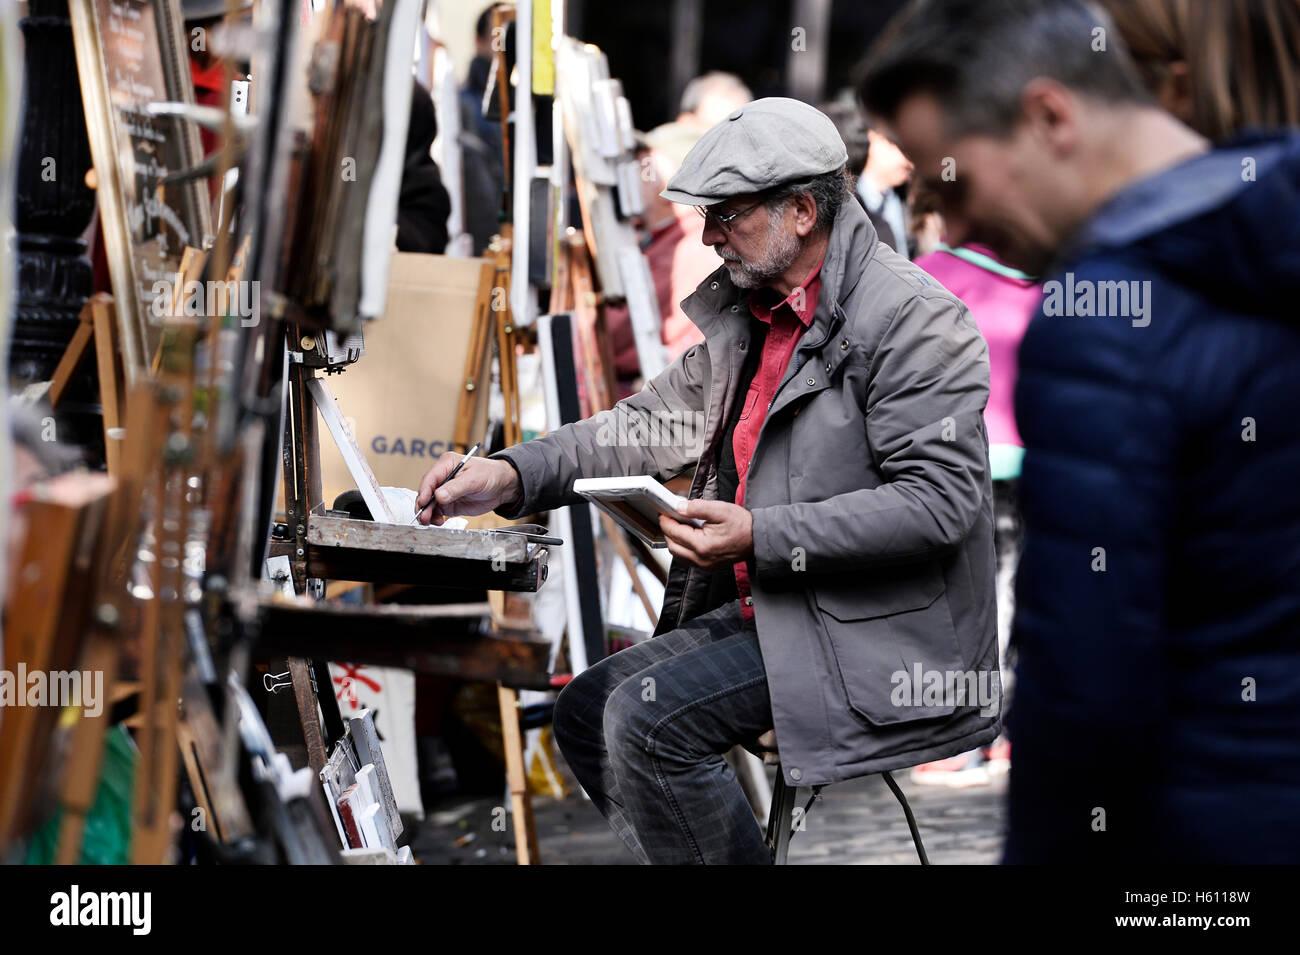 Painter, place du Tertre, Montmartre, Paris, France - Stock Image